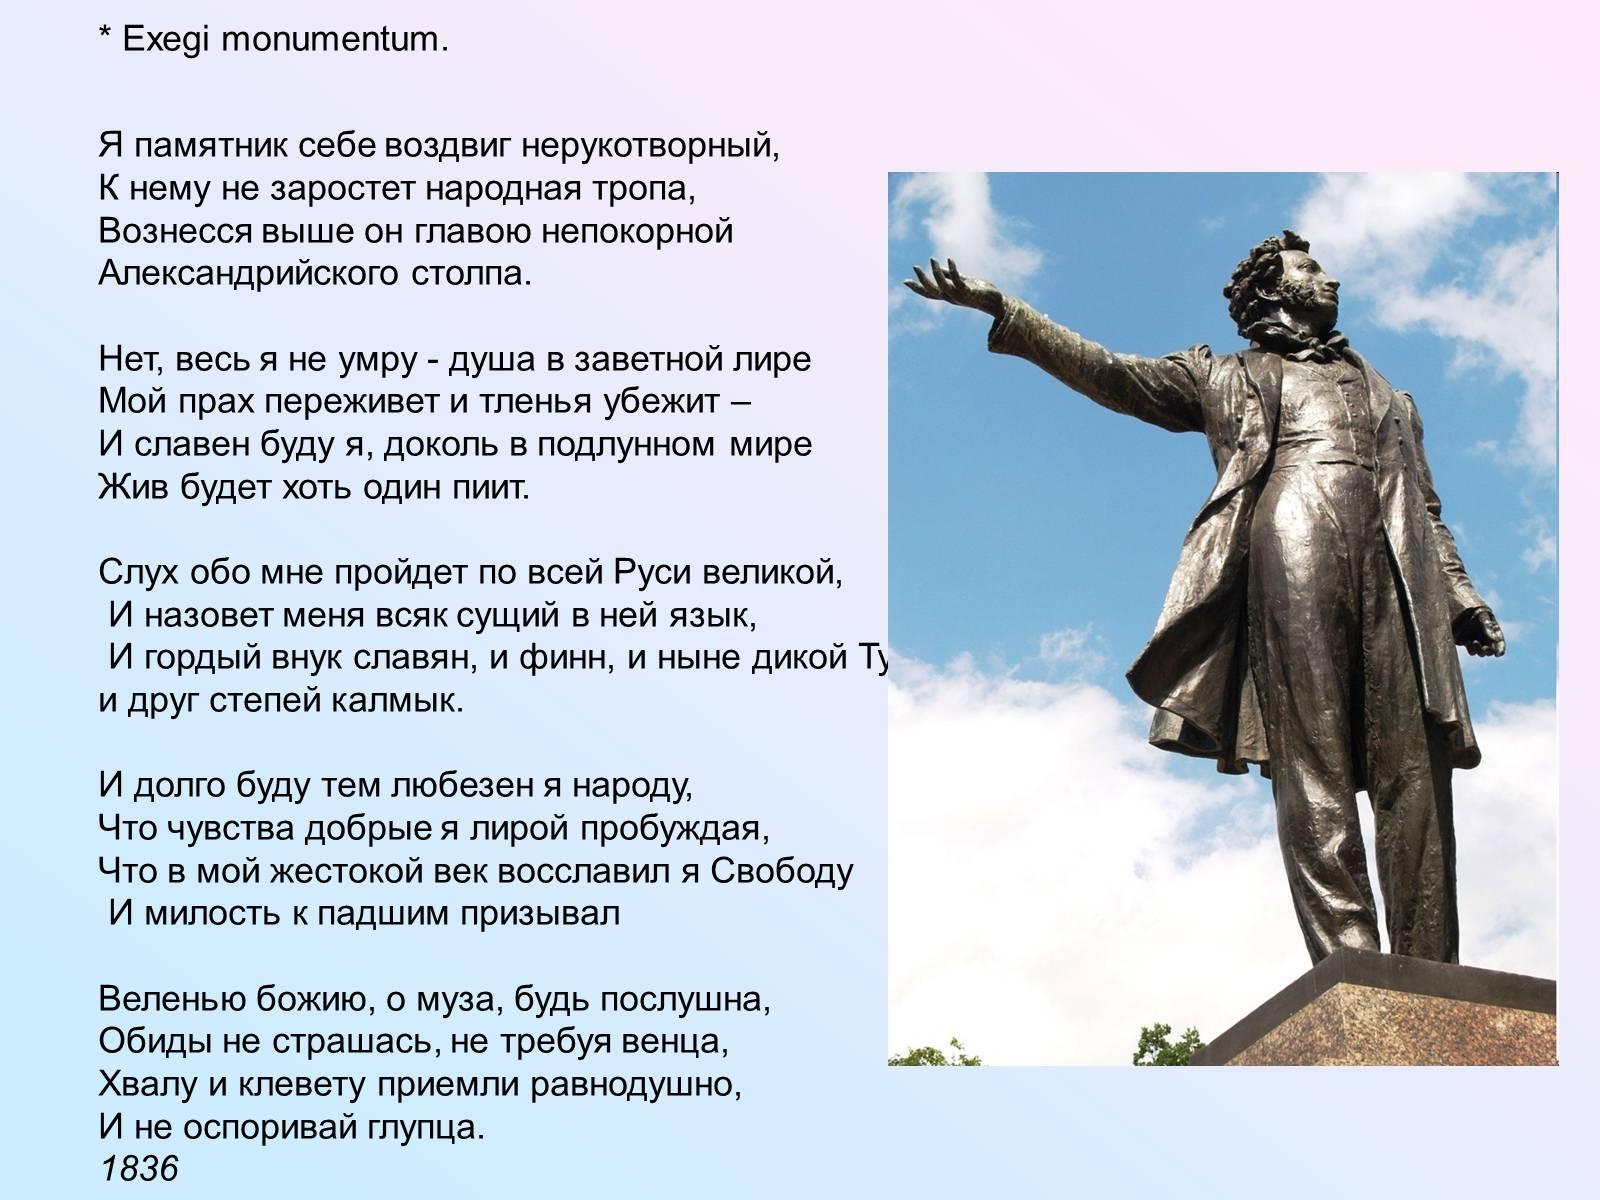 Я памятник себе воздвигнут сам пушкин стих